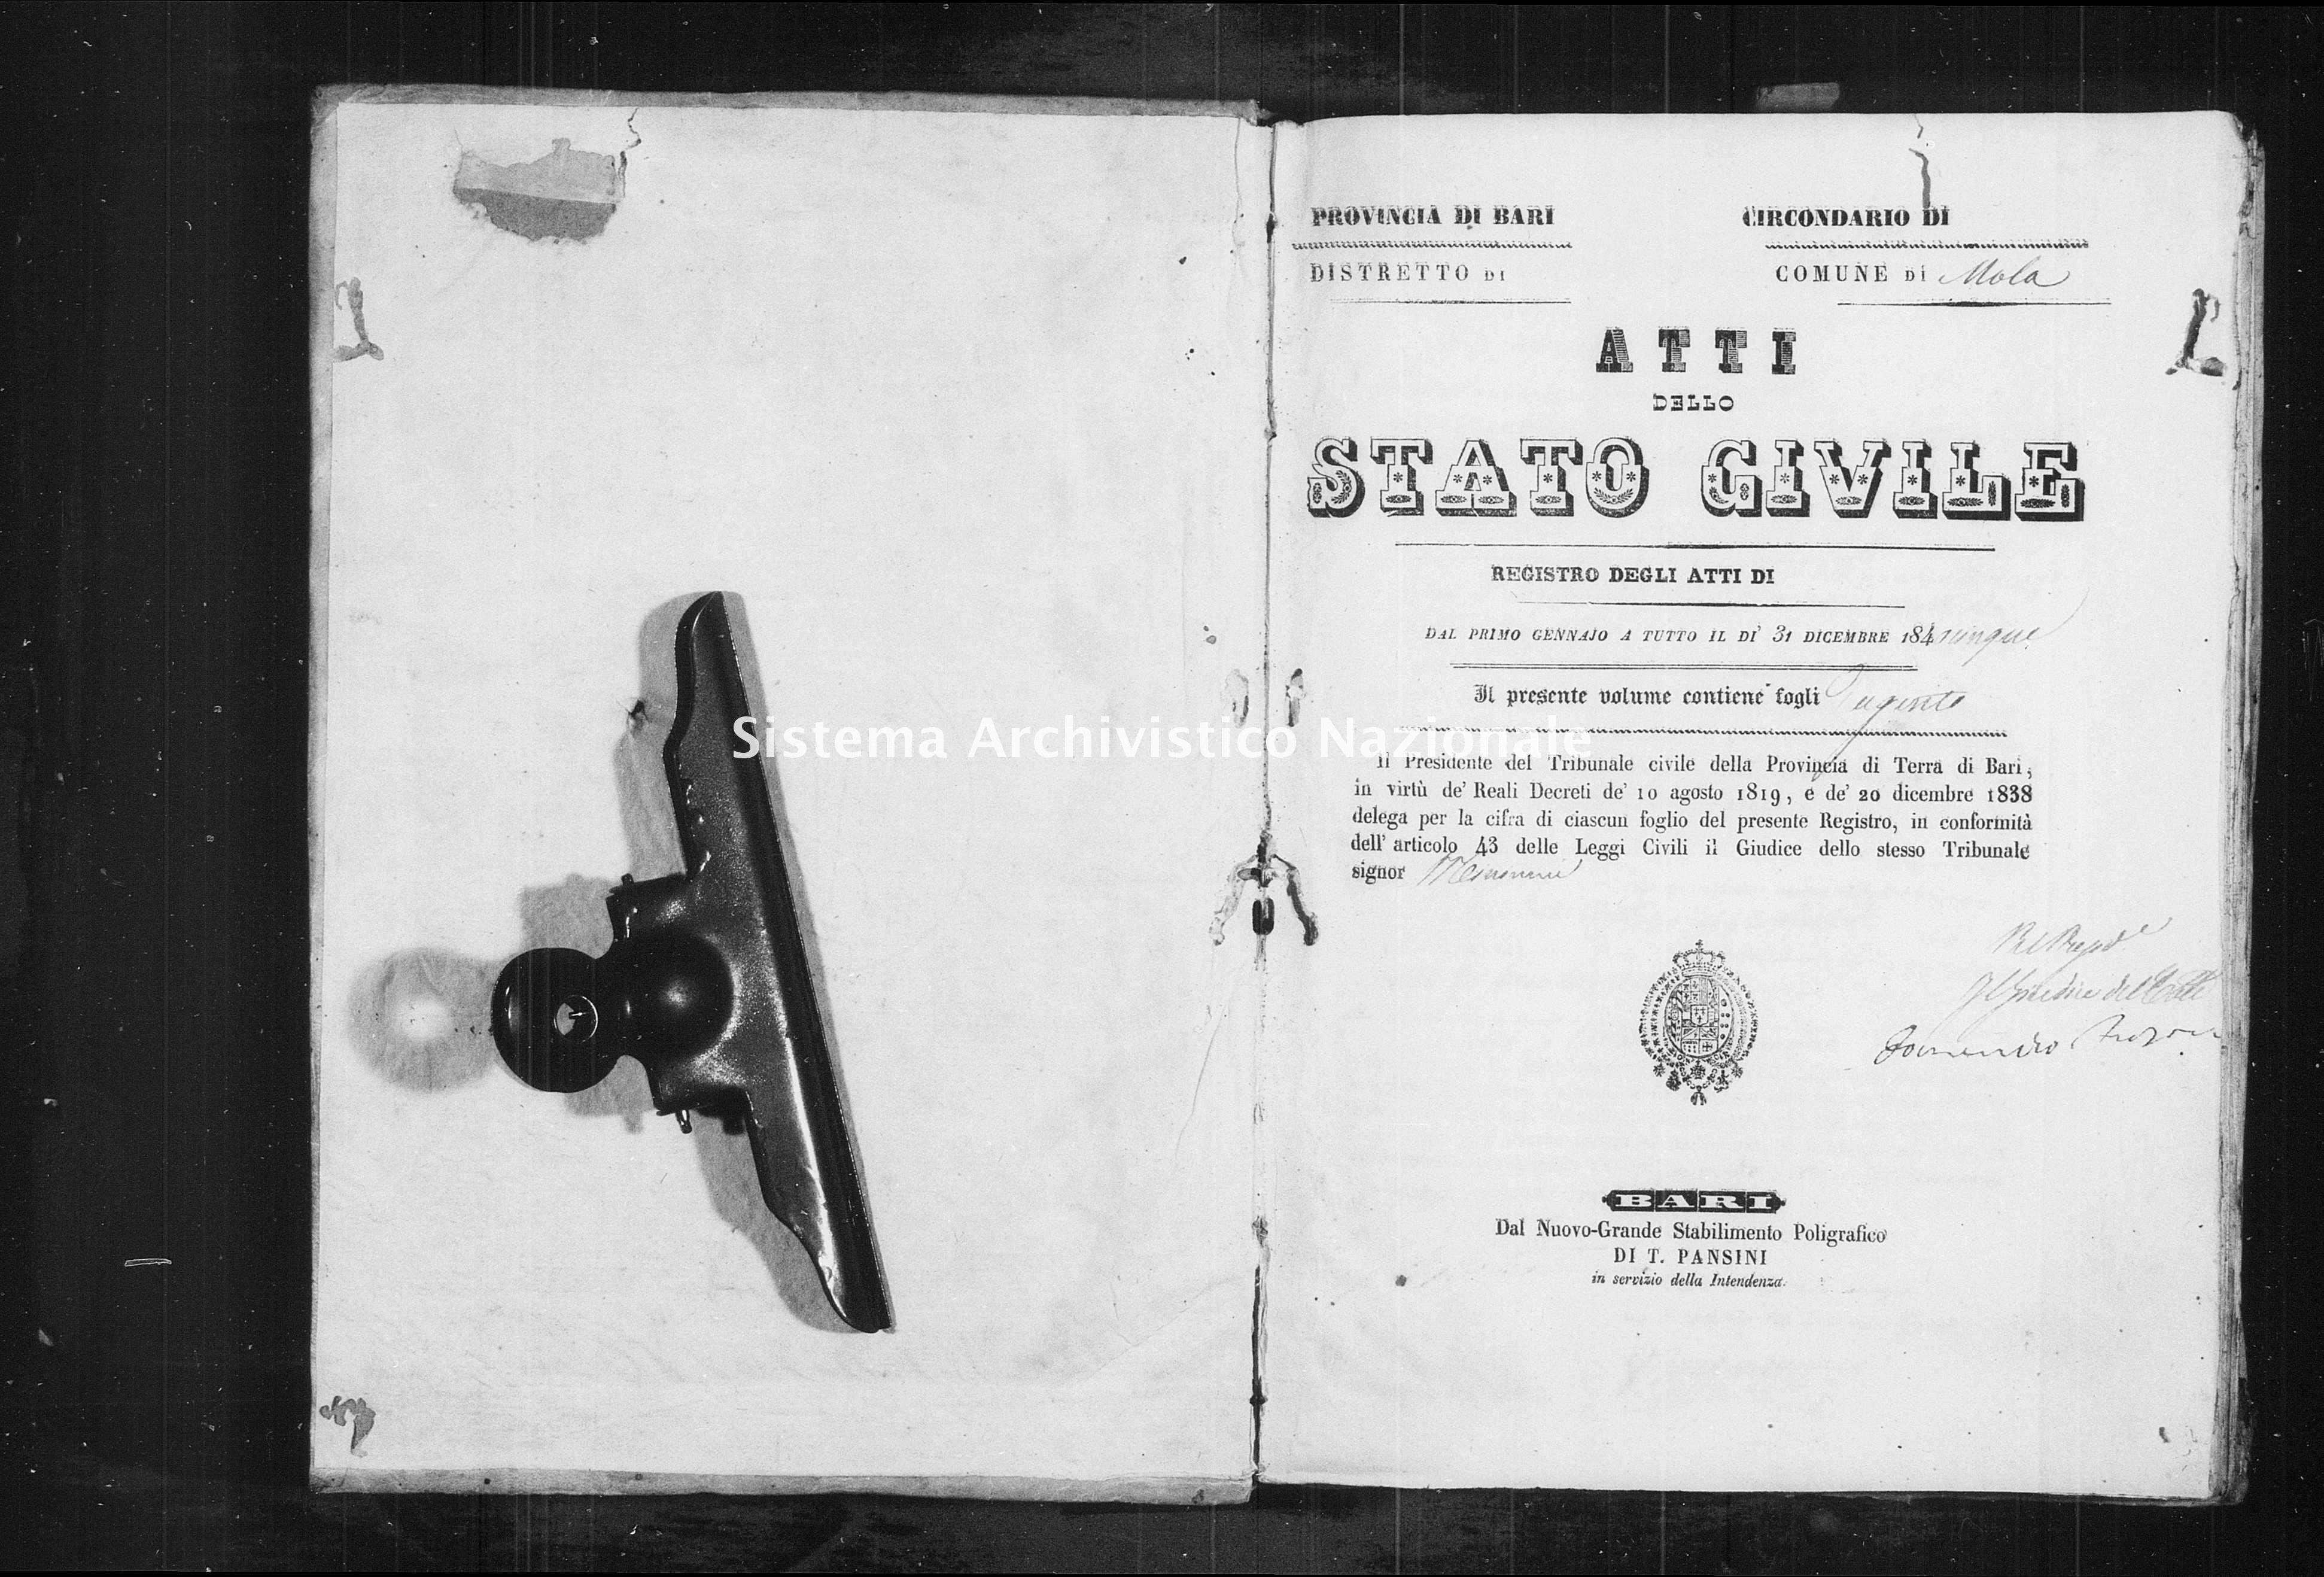 Archivio di stato di Bari - Stato civile della restaurazione - Mola - Morti - 1845 -